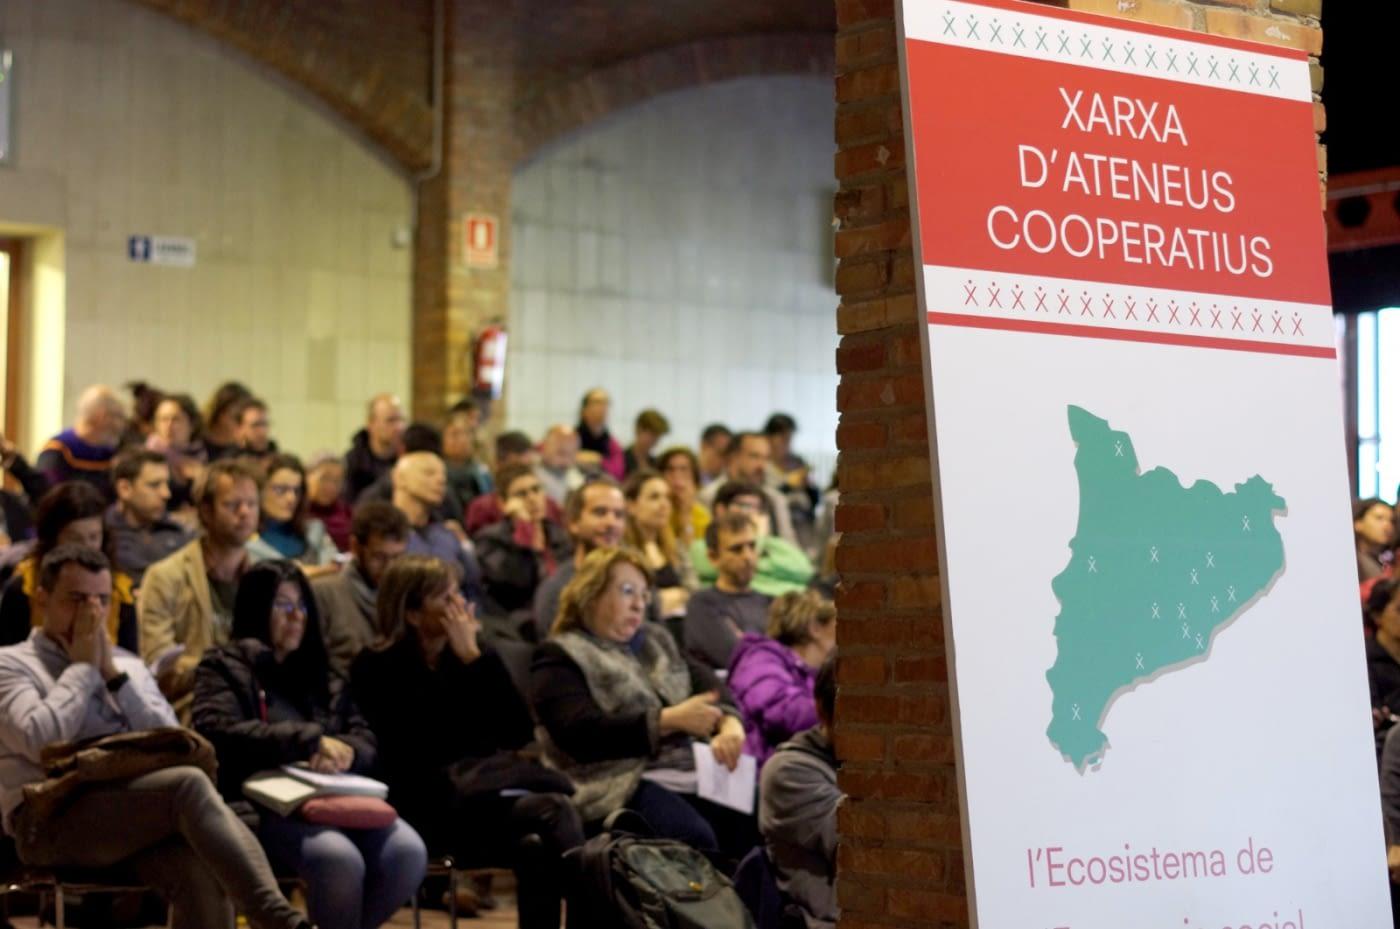 Els ateneus cooperatius van acompanyar 890 nous projectes d'economia social durant el 2020 malgrat la pandèmia